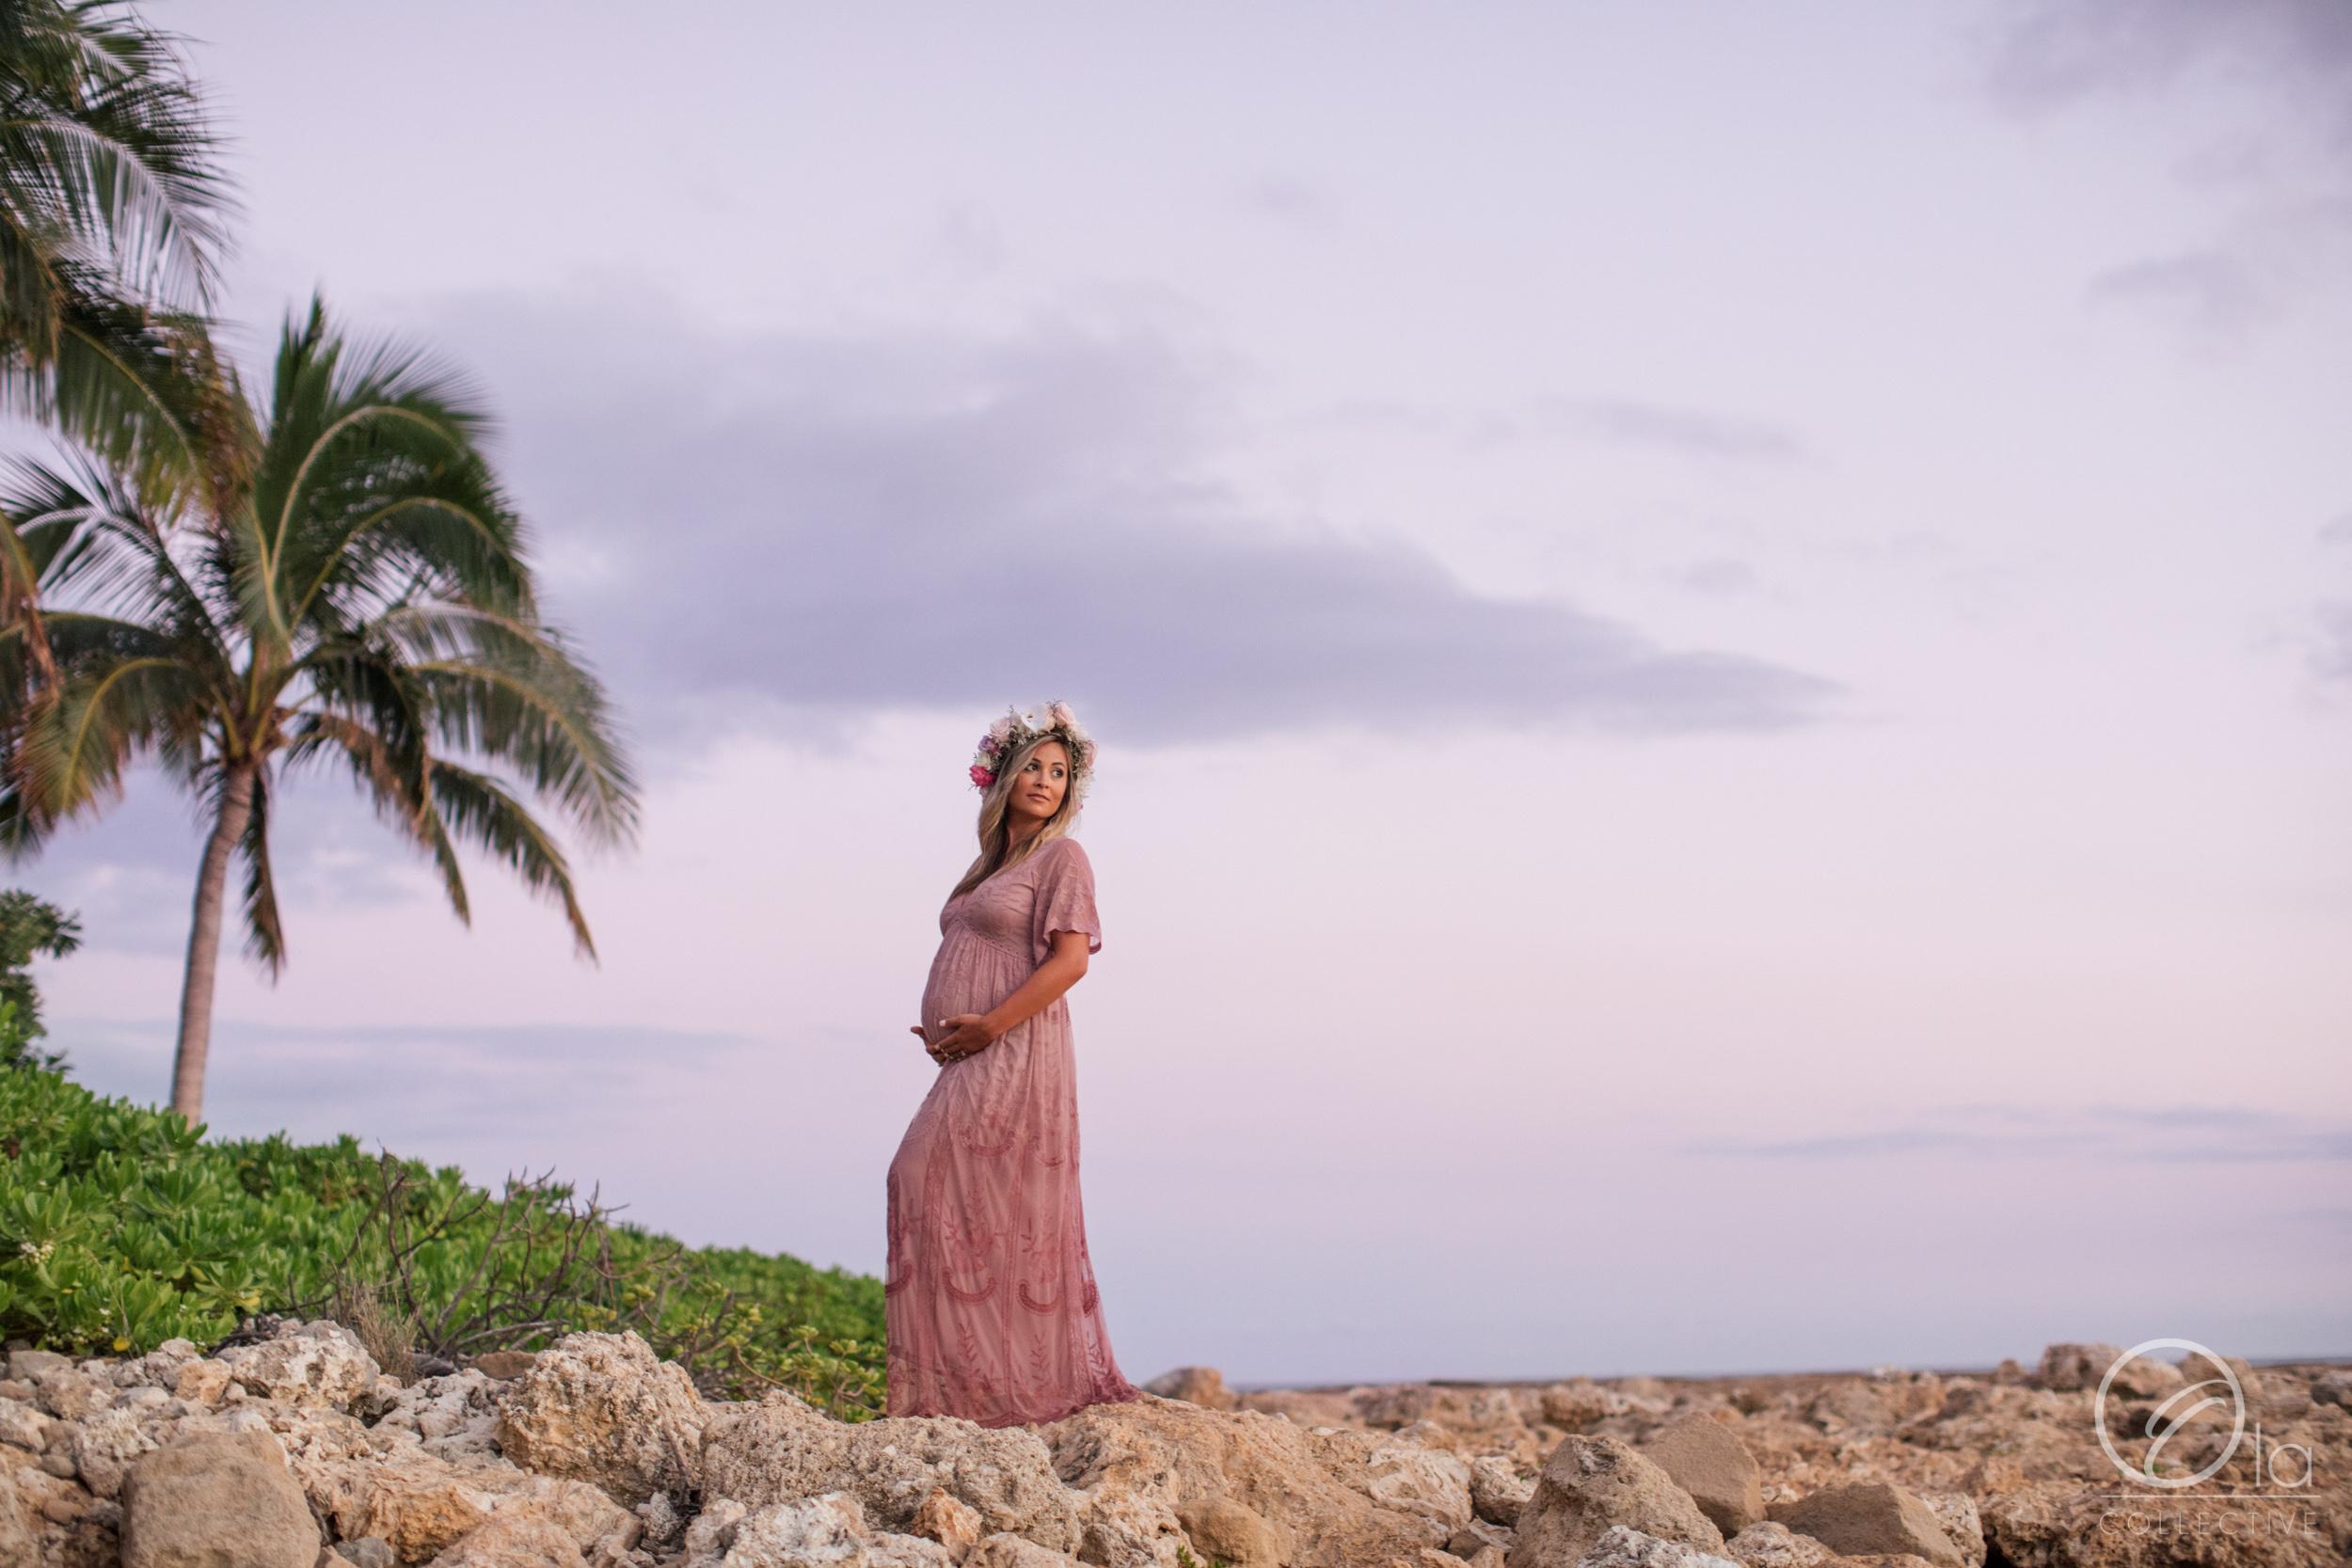 Four-Seasons-Oahu-Maternity-Photographer-Ola-Collective-10.jpg